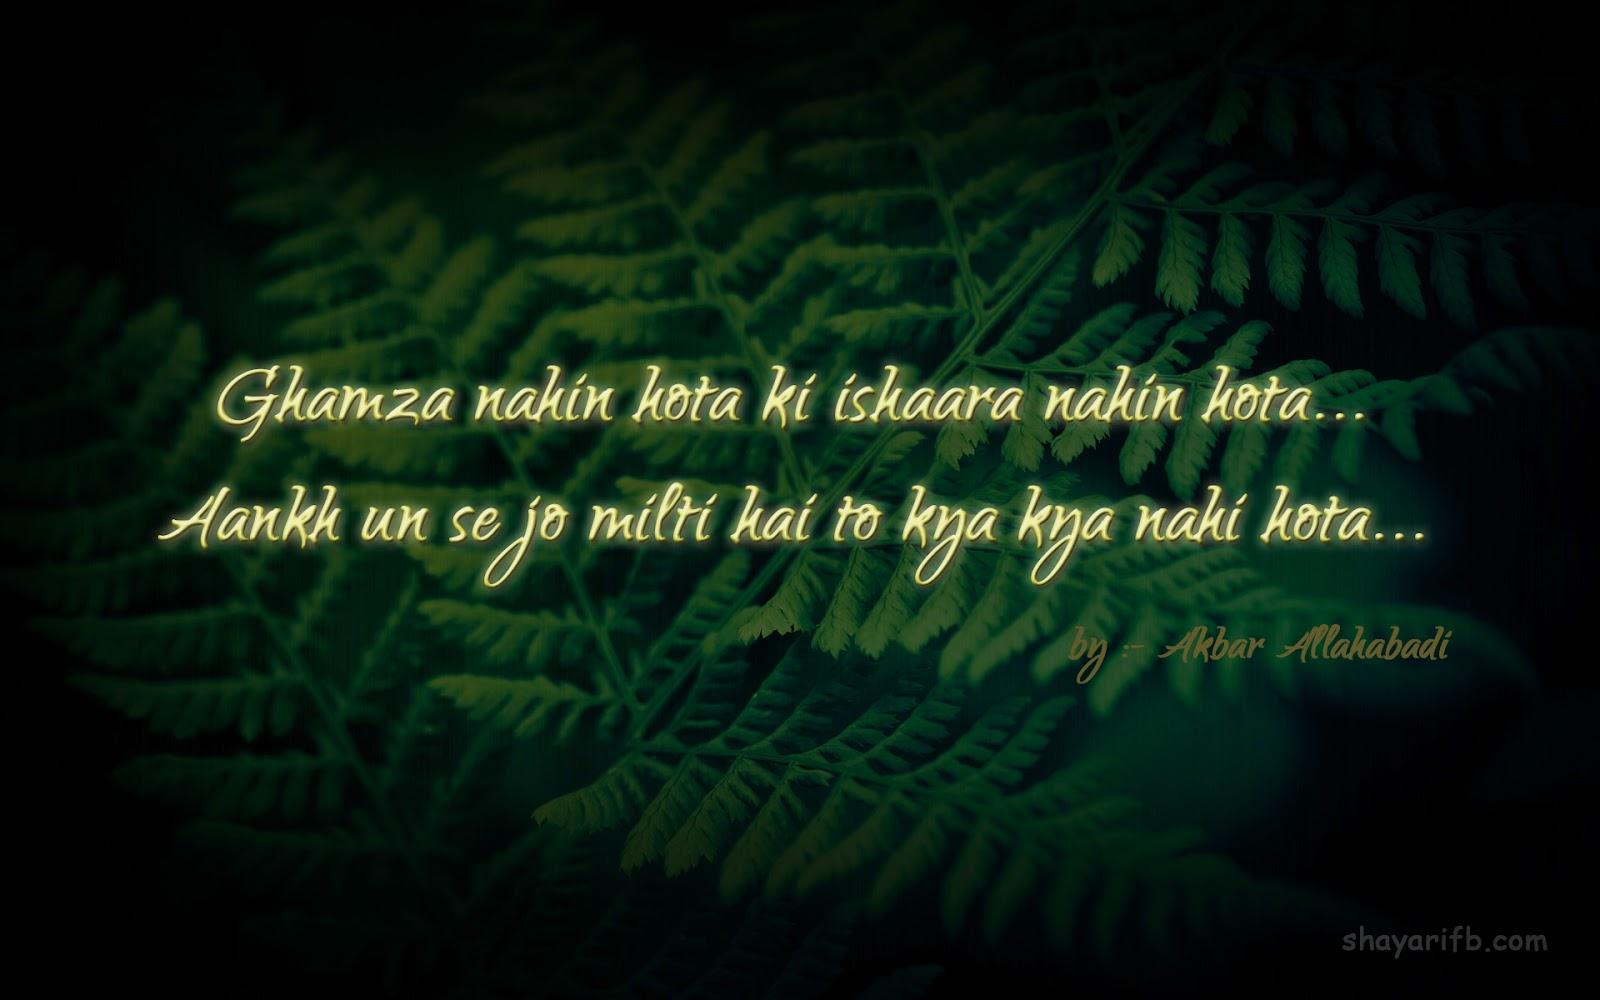 Love shayari for broken heart Download wallpaper HD Hindi shayari ...